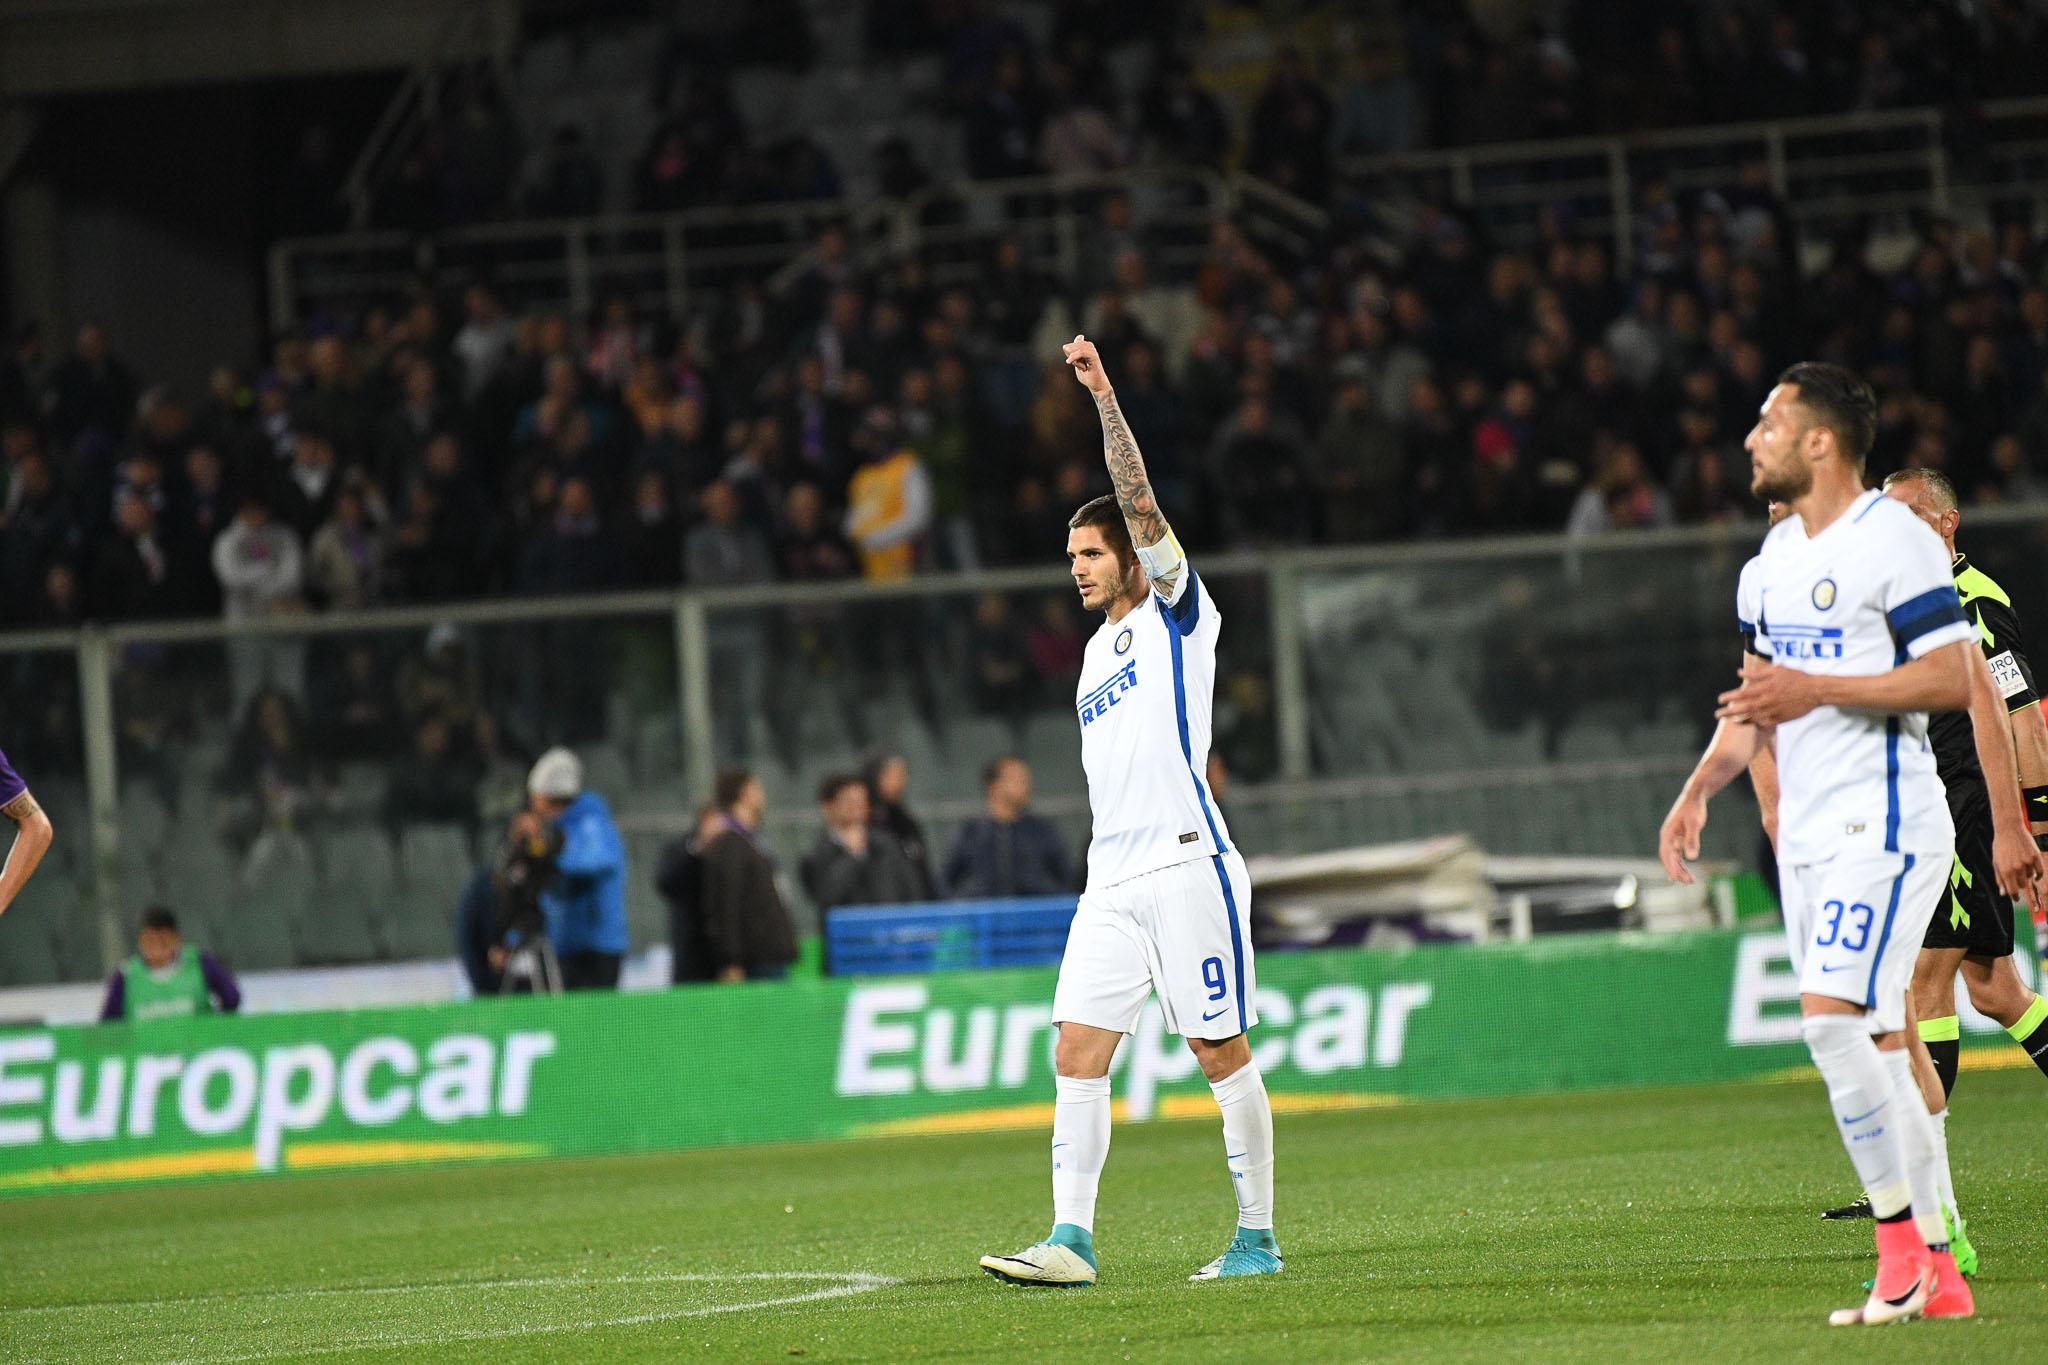 Icardi porta in vantaggio l'Inter al 10' della ripresa, difesa immobile